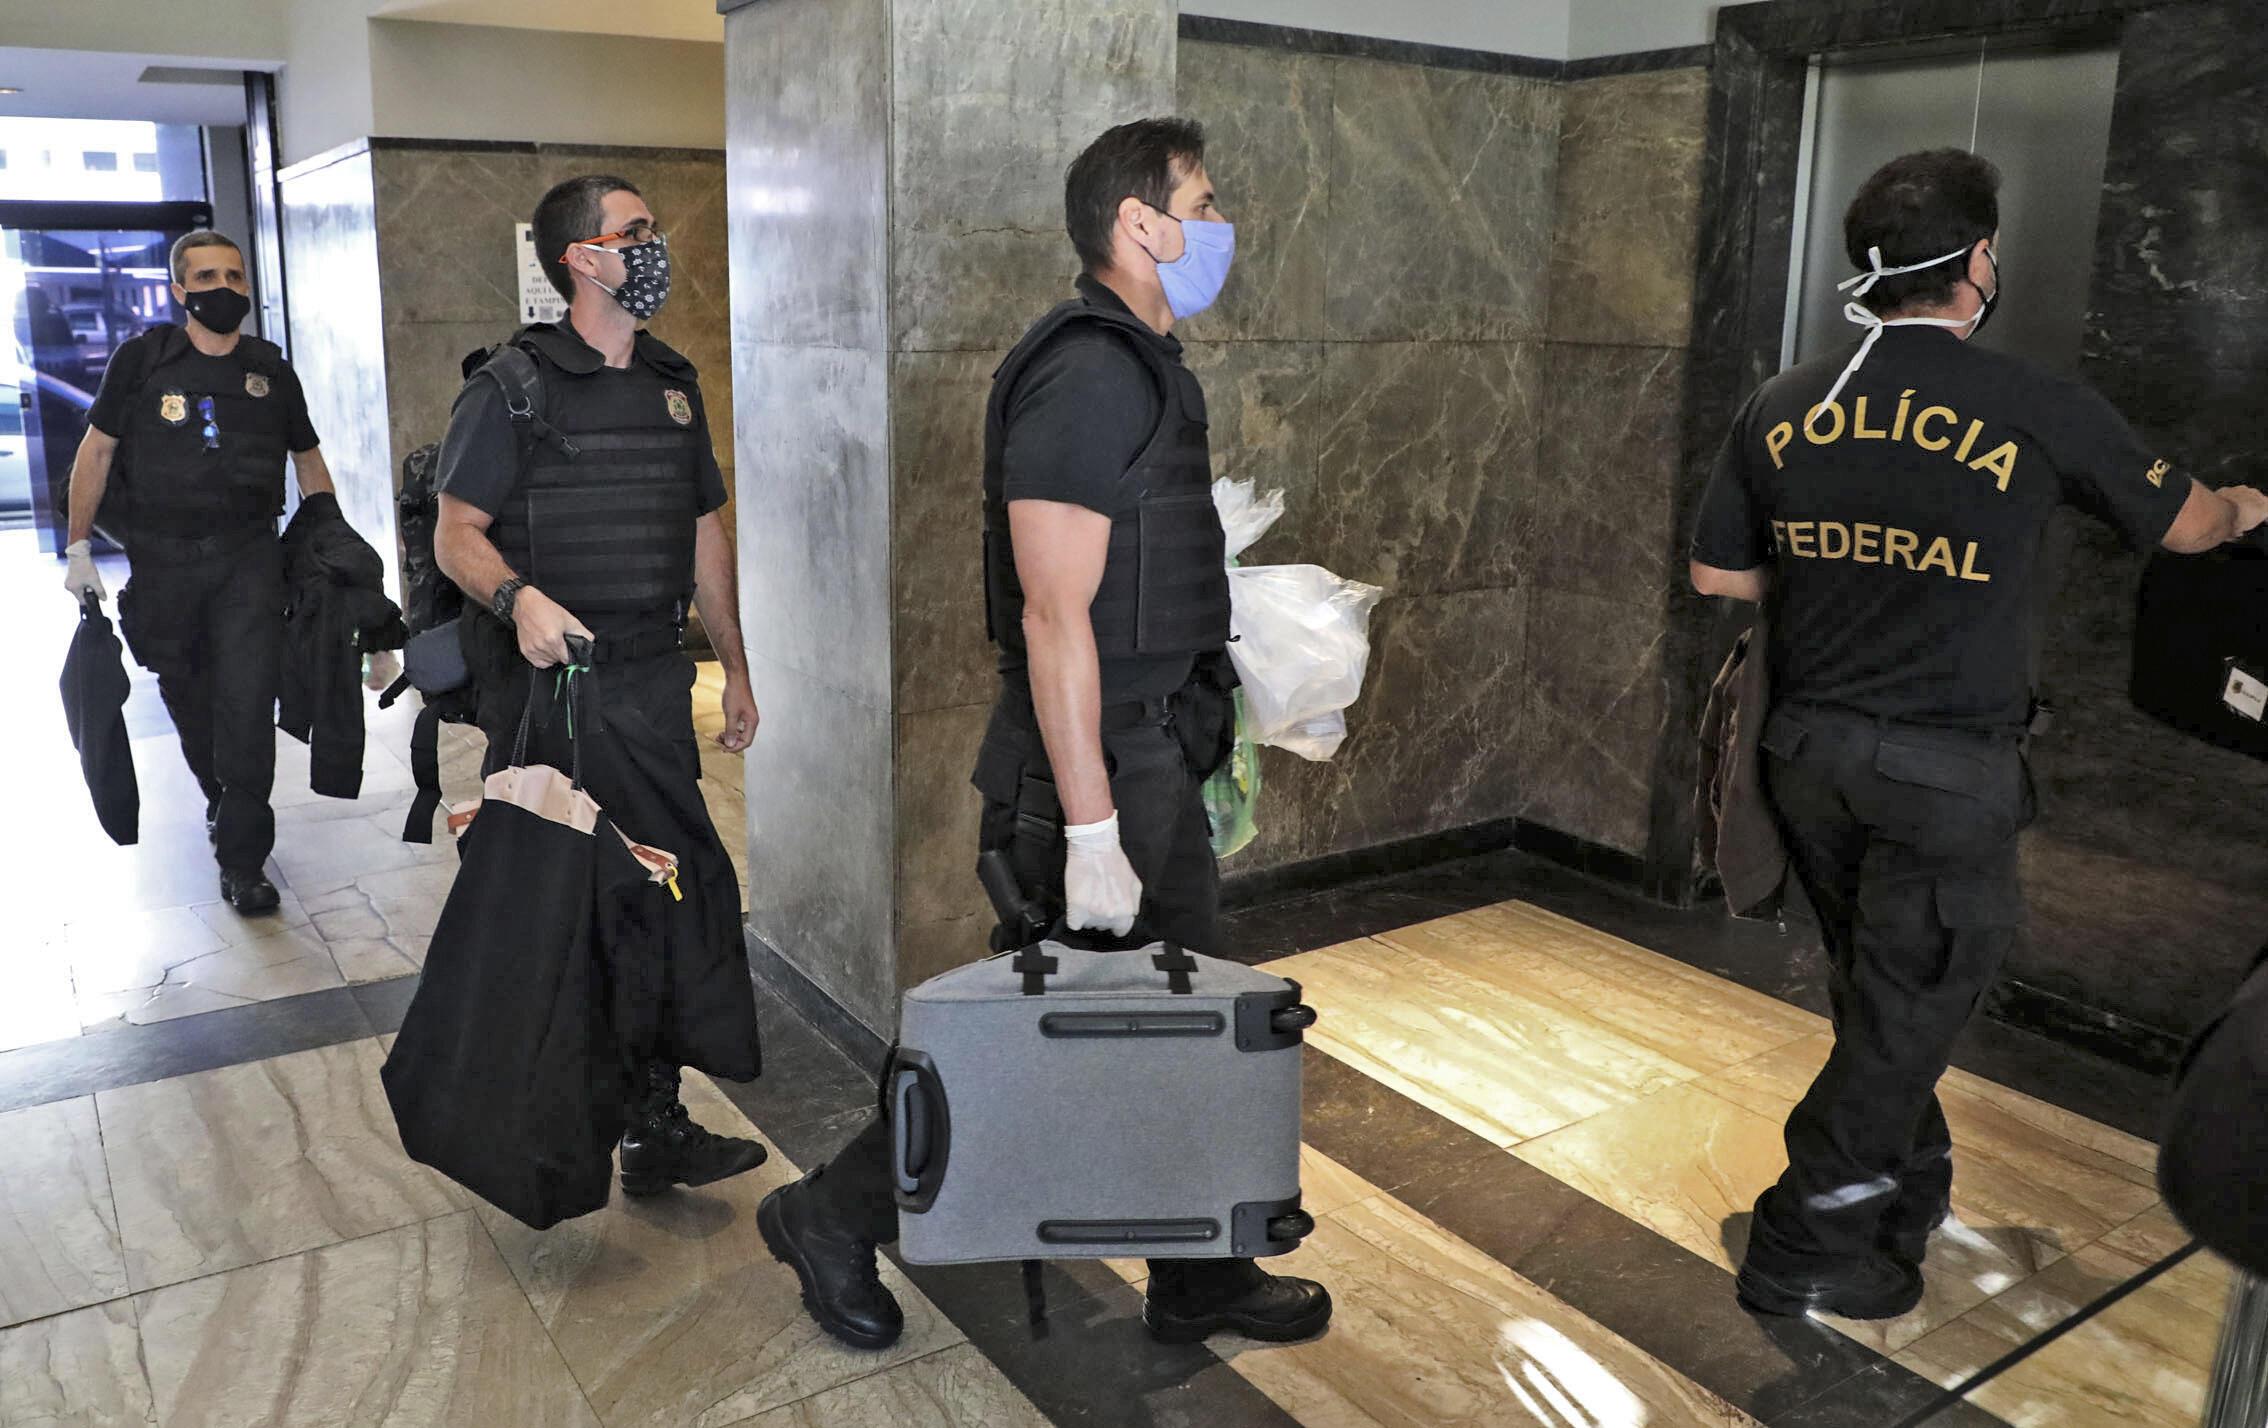 Agentes de la Policía Federal de Brasil cargan elementos incautados al gobernador de Rio de Janeiro, Wilson Witzel, tras allanar su residencia, el 26 de mayo de 2020